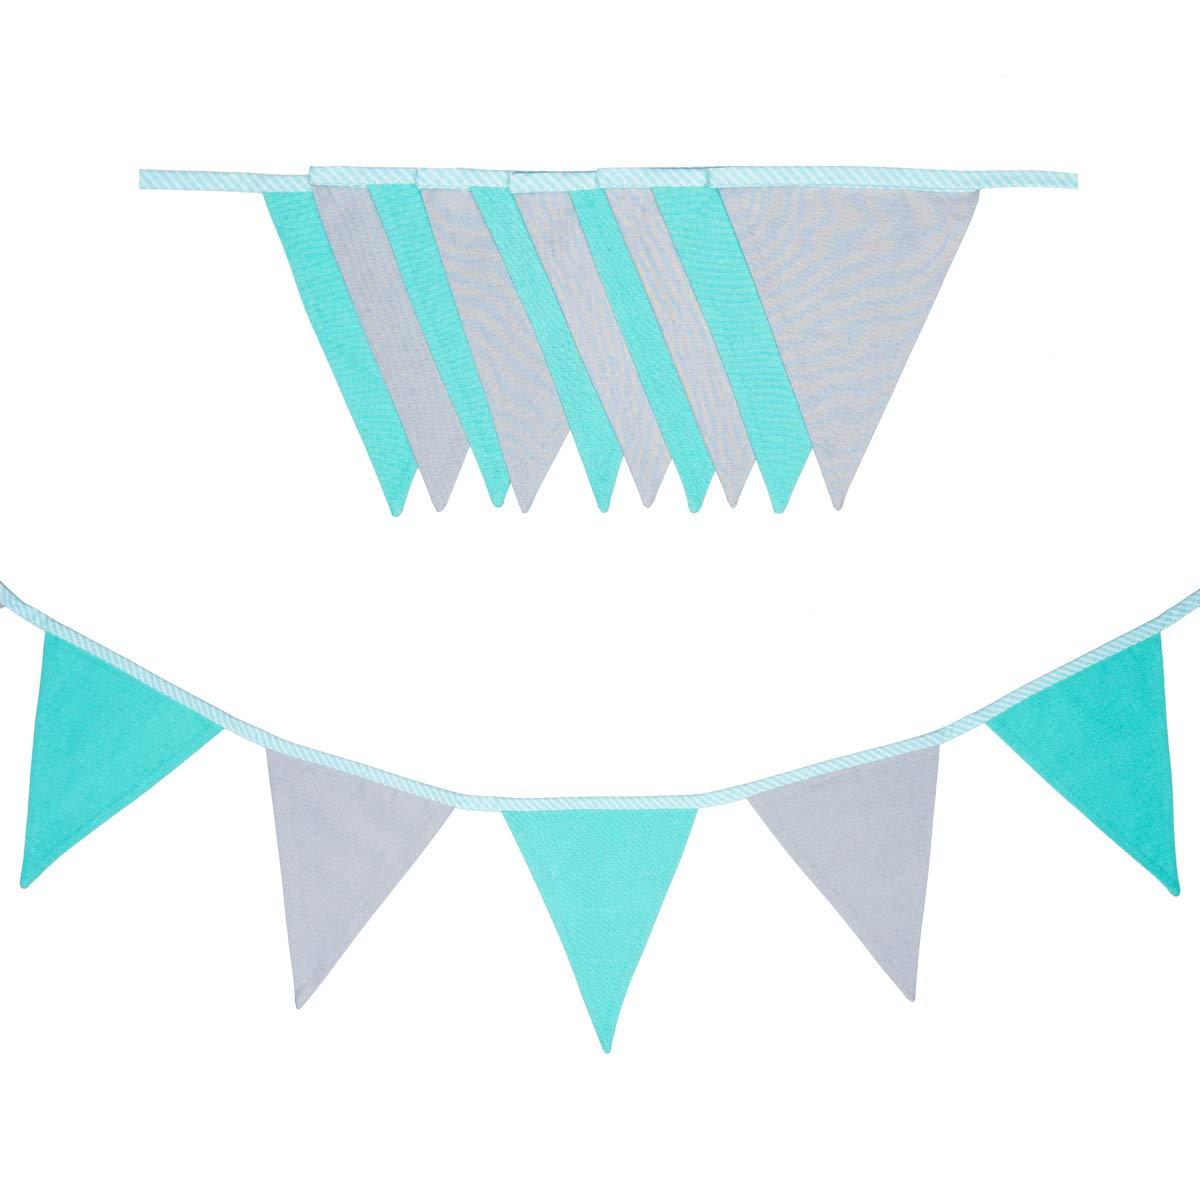 cozydots - Guirnalda de banderines de Doble Cara, Guirnalda de Tela, guirnaldas Coloridas para Decorar la habitación de los niños, decoración de Fiestas (grey boy, 235): Amazon.es: Hogar